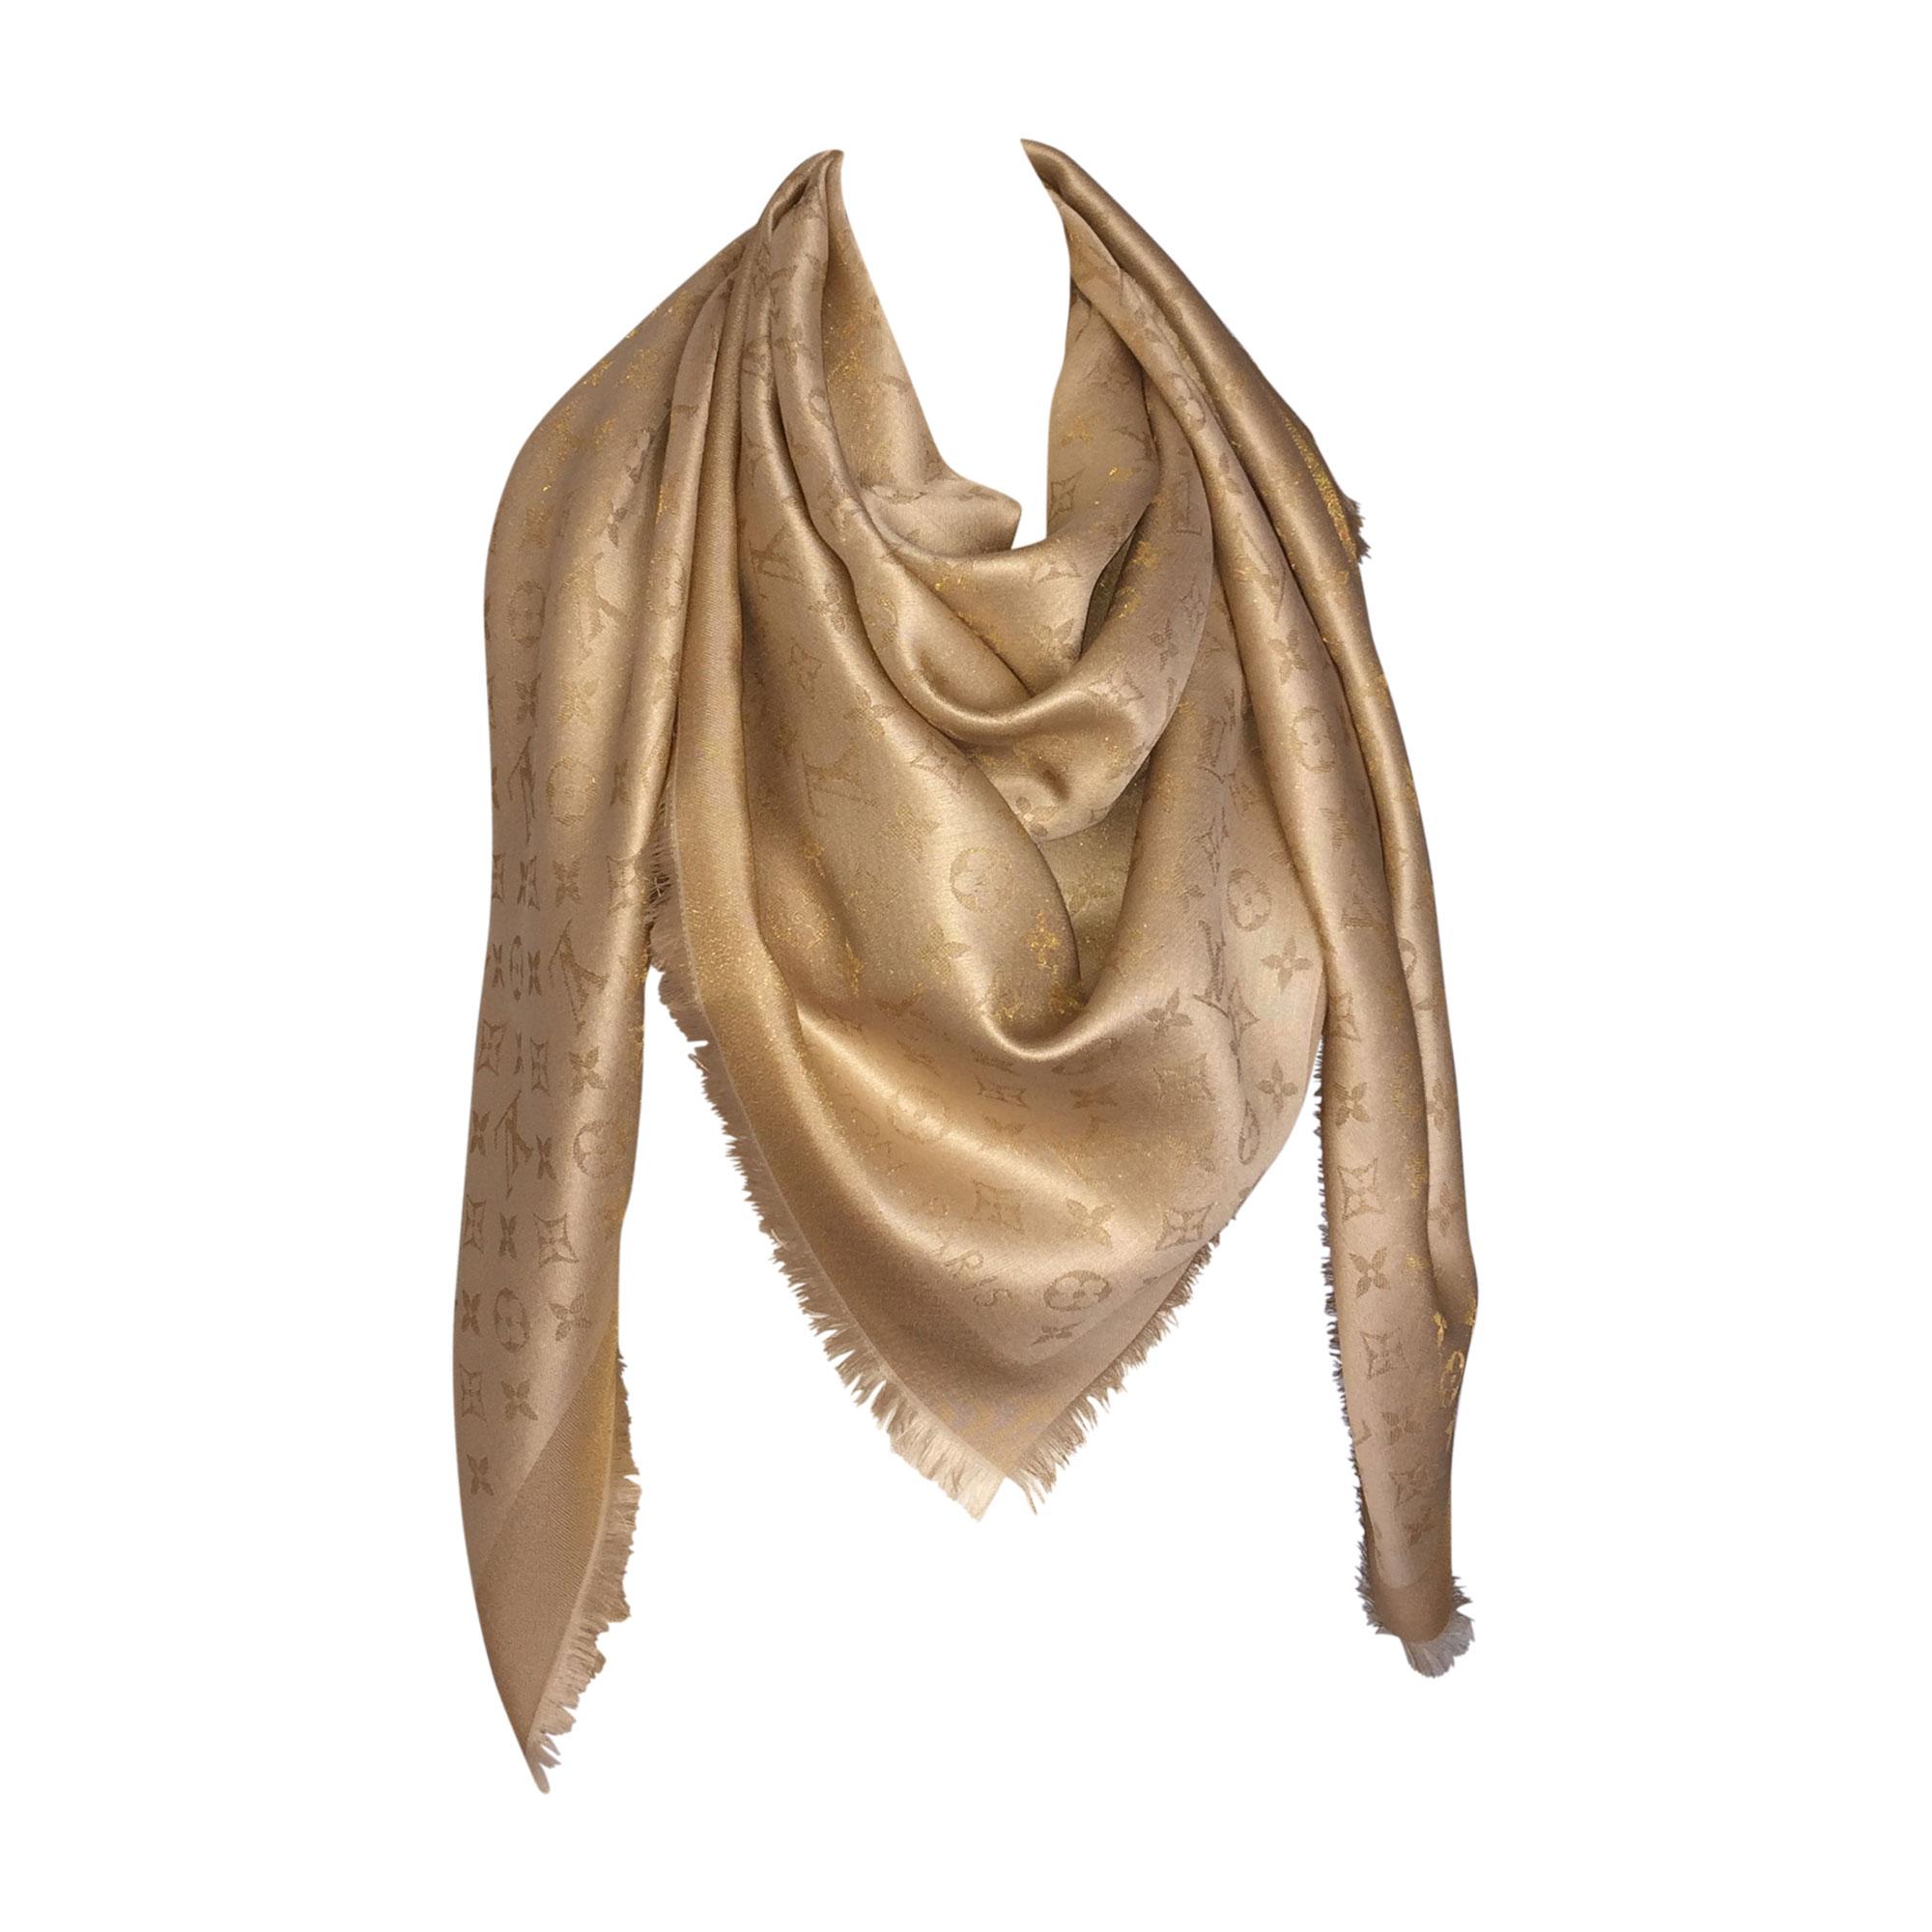 Châle LOUIS VUITTON Doré, bronze, cuivre 2df89acb131